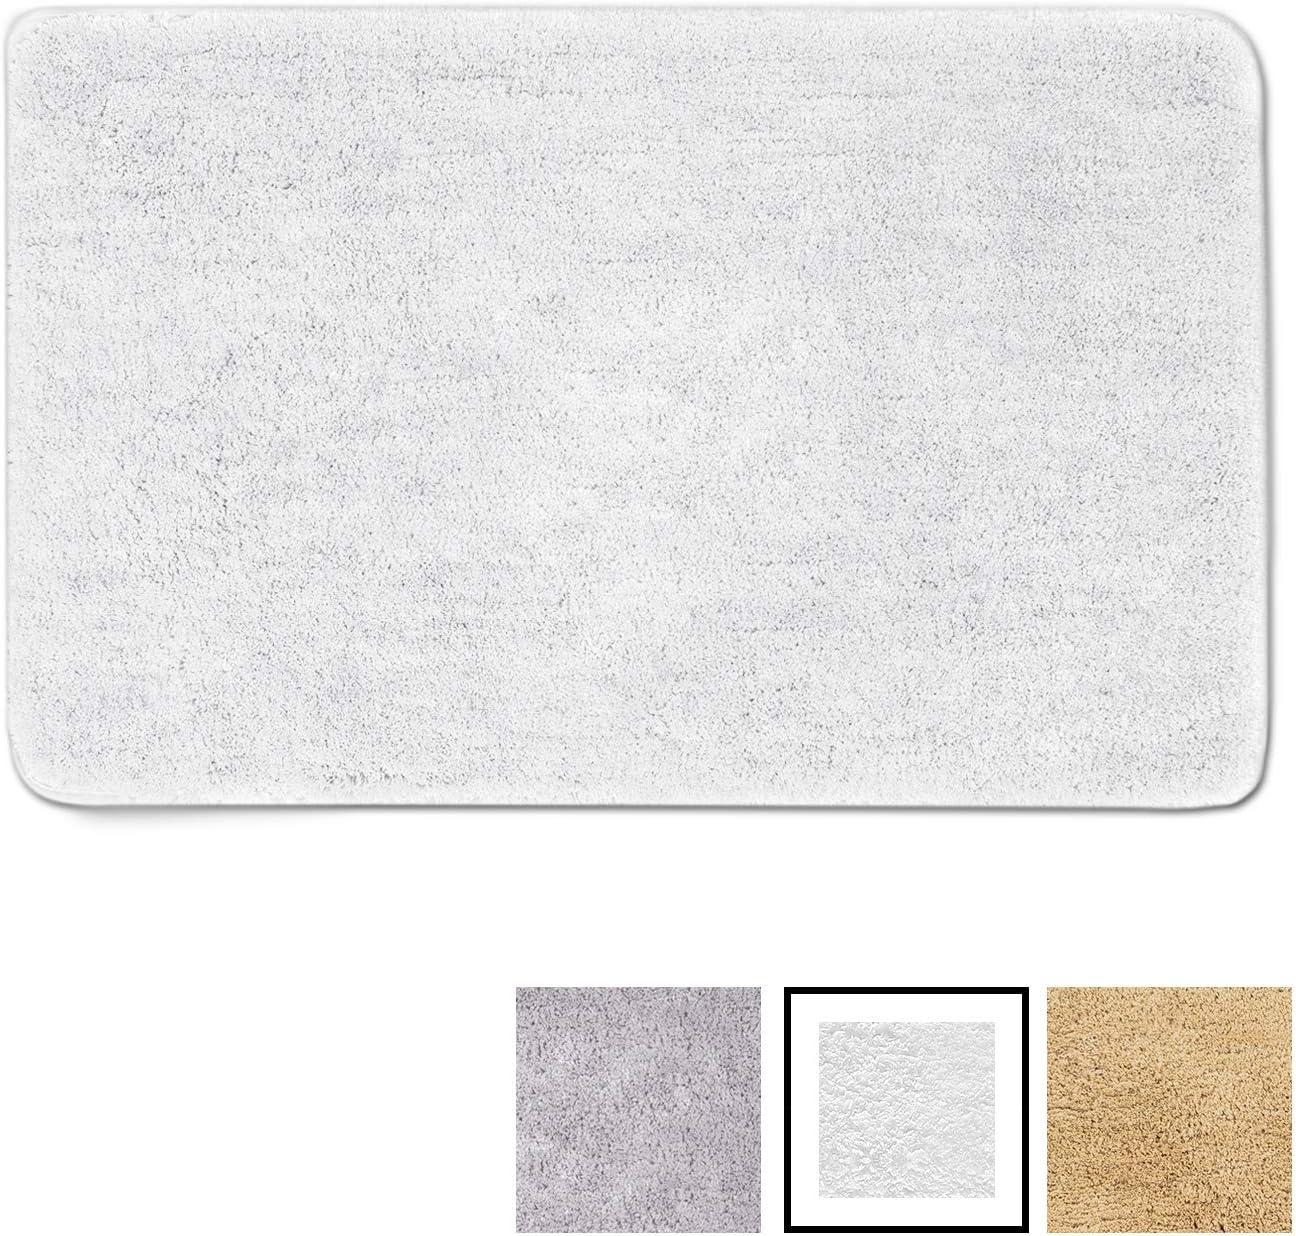 GadHome Alfombra de Baño, Blanca 50×80cm   Antideslizante y Muy Absorbente   Súper Suave, Esponjosa y Duradera   Multiuso Lavable a Máquina   Microfibra de Primera Calidad para Uso Interior